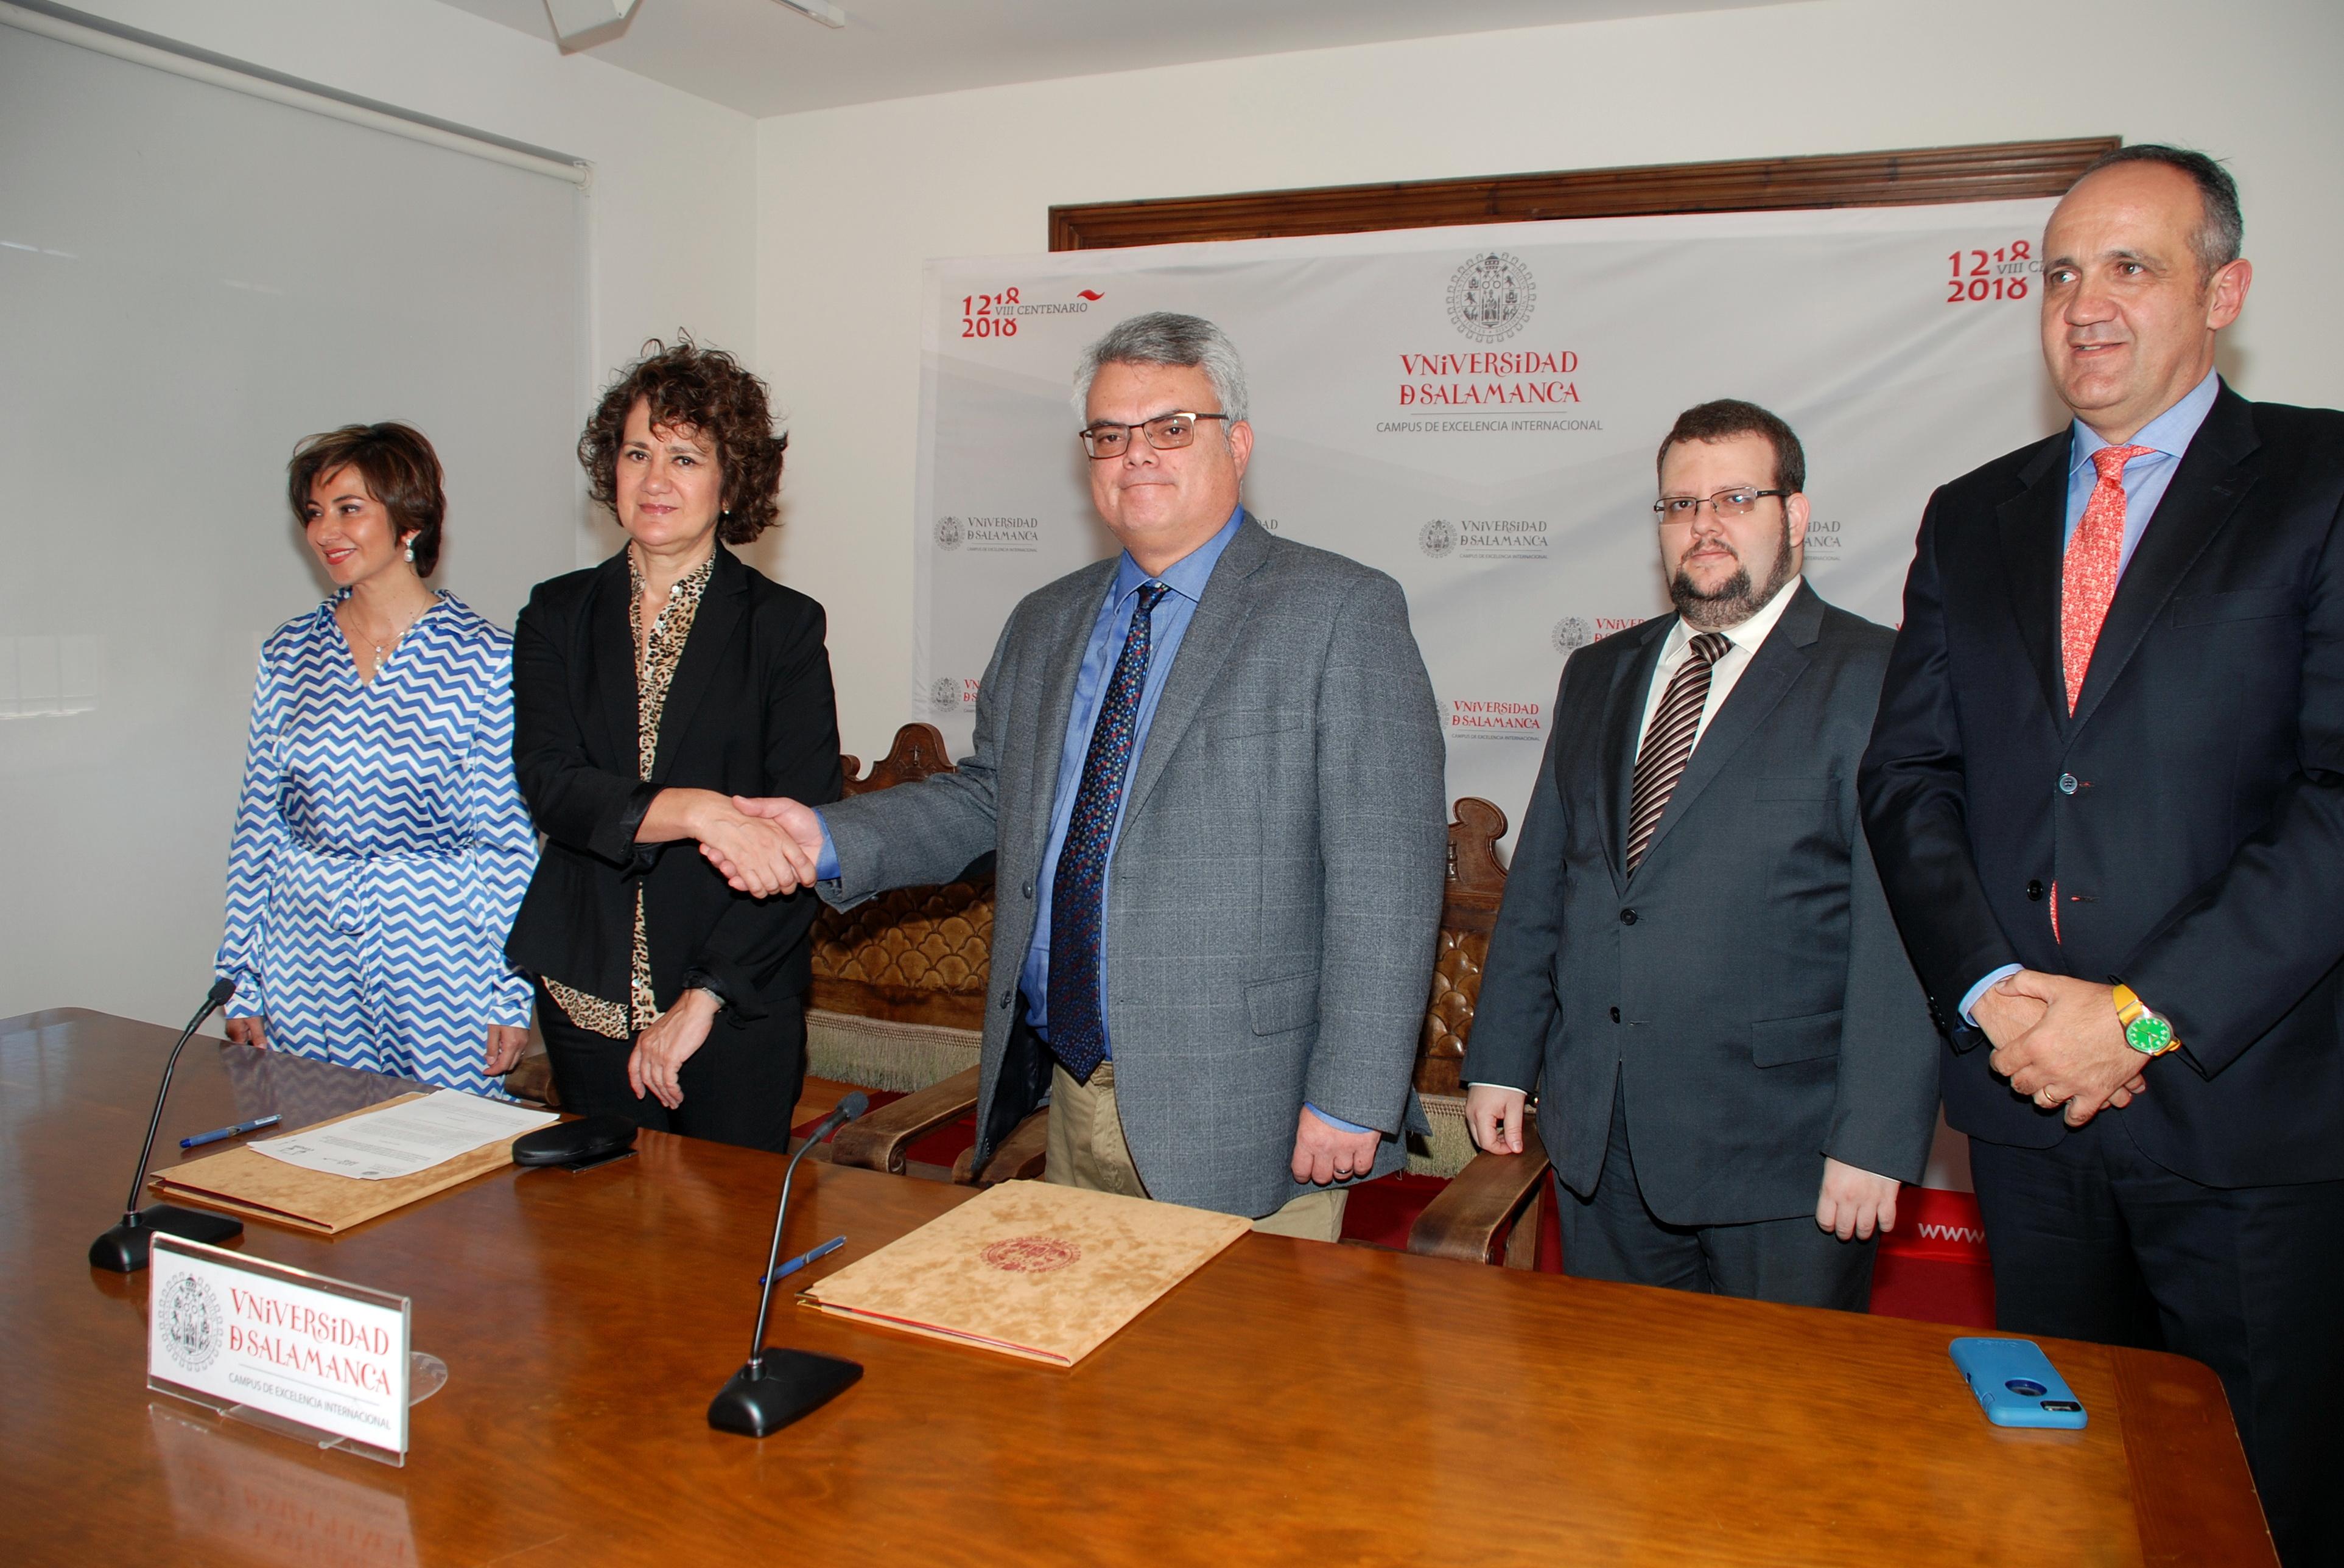 La Universidad y la Conferencia de Ministros de Justicia de los Países Iberoamericanos impulsan acciones conjuntas en materia de investigación y asesoría técnica